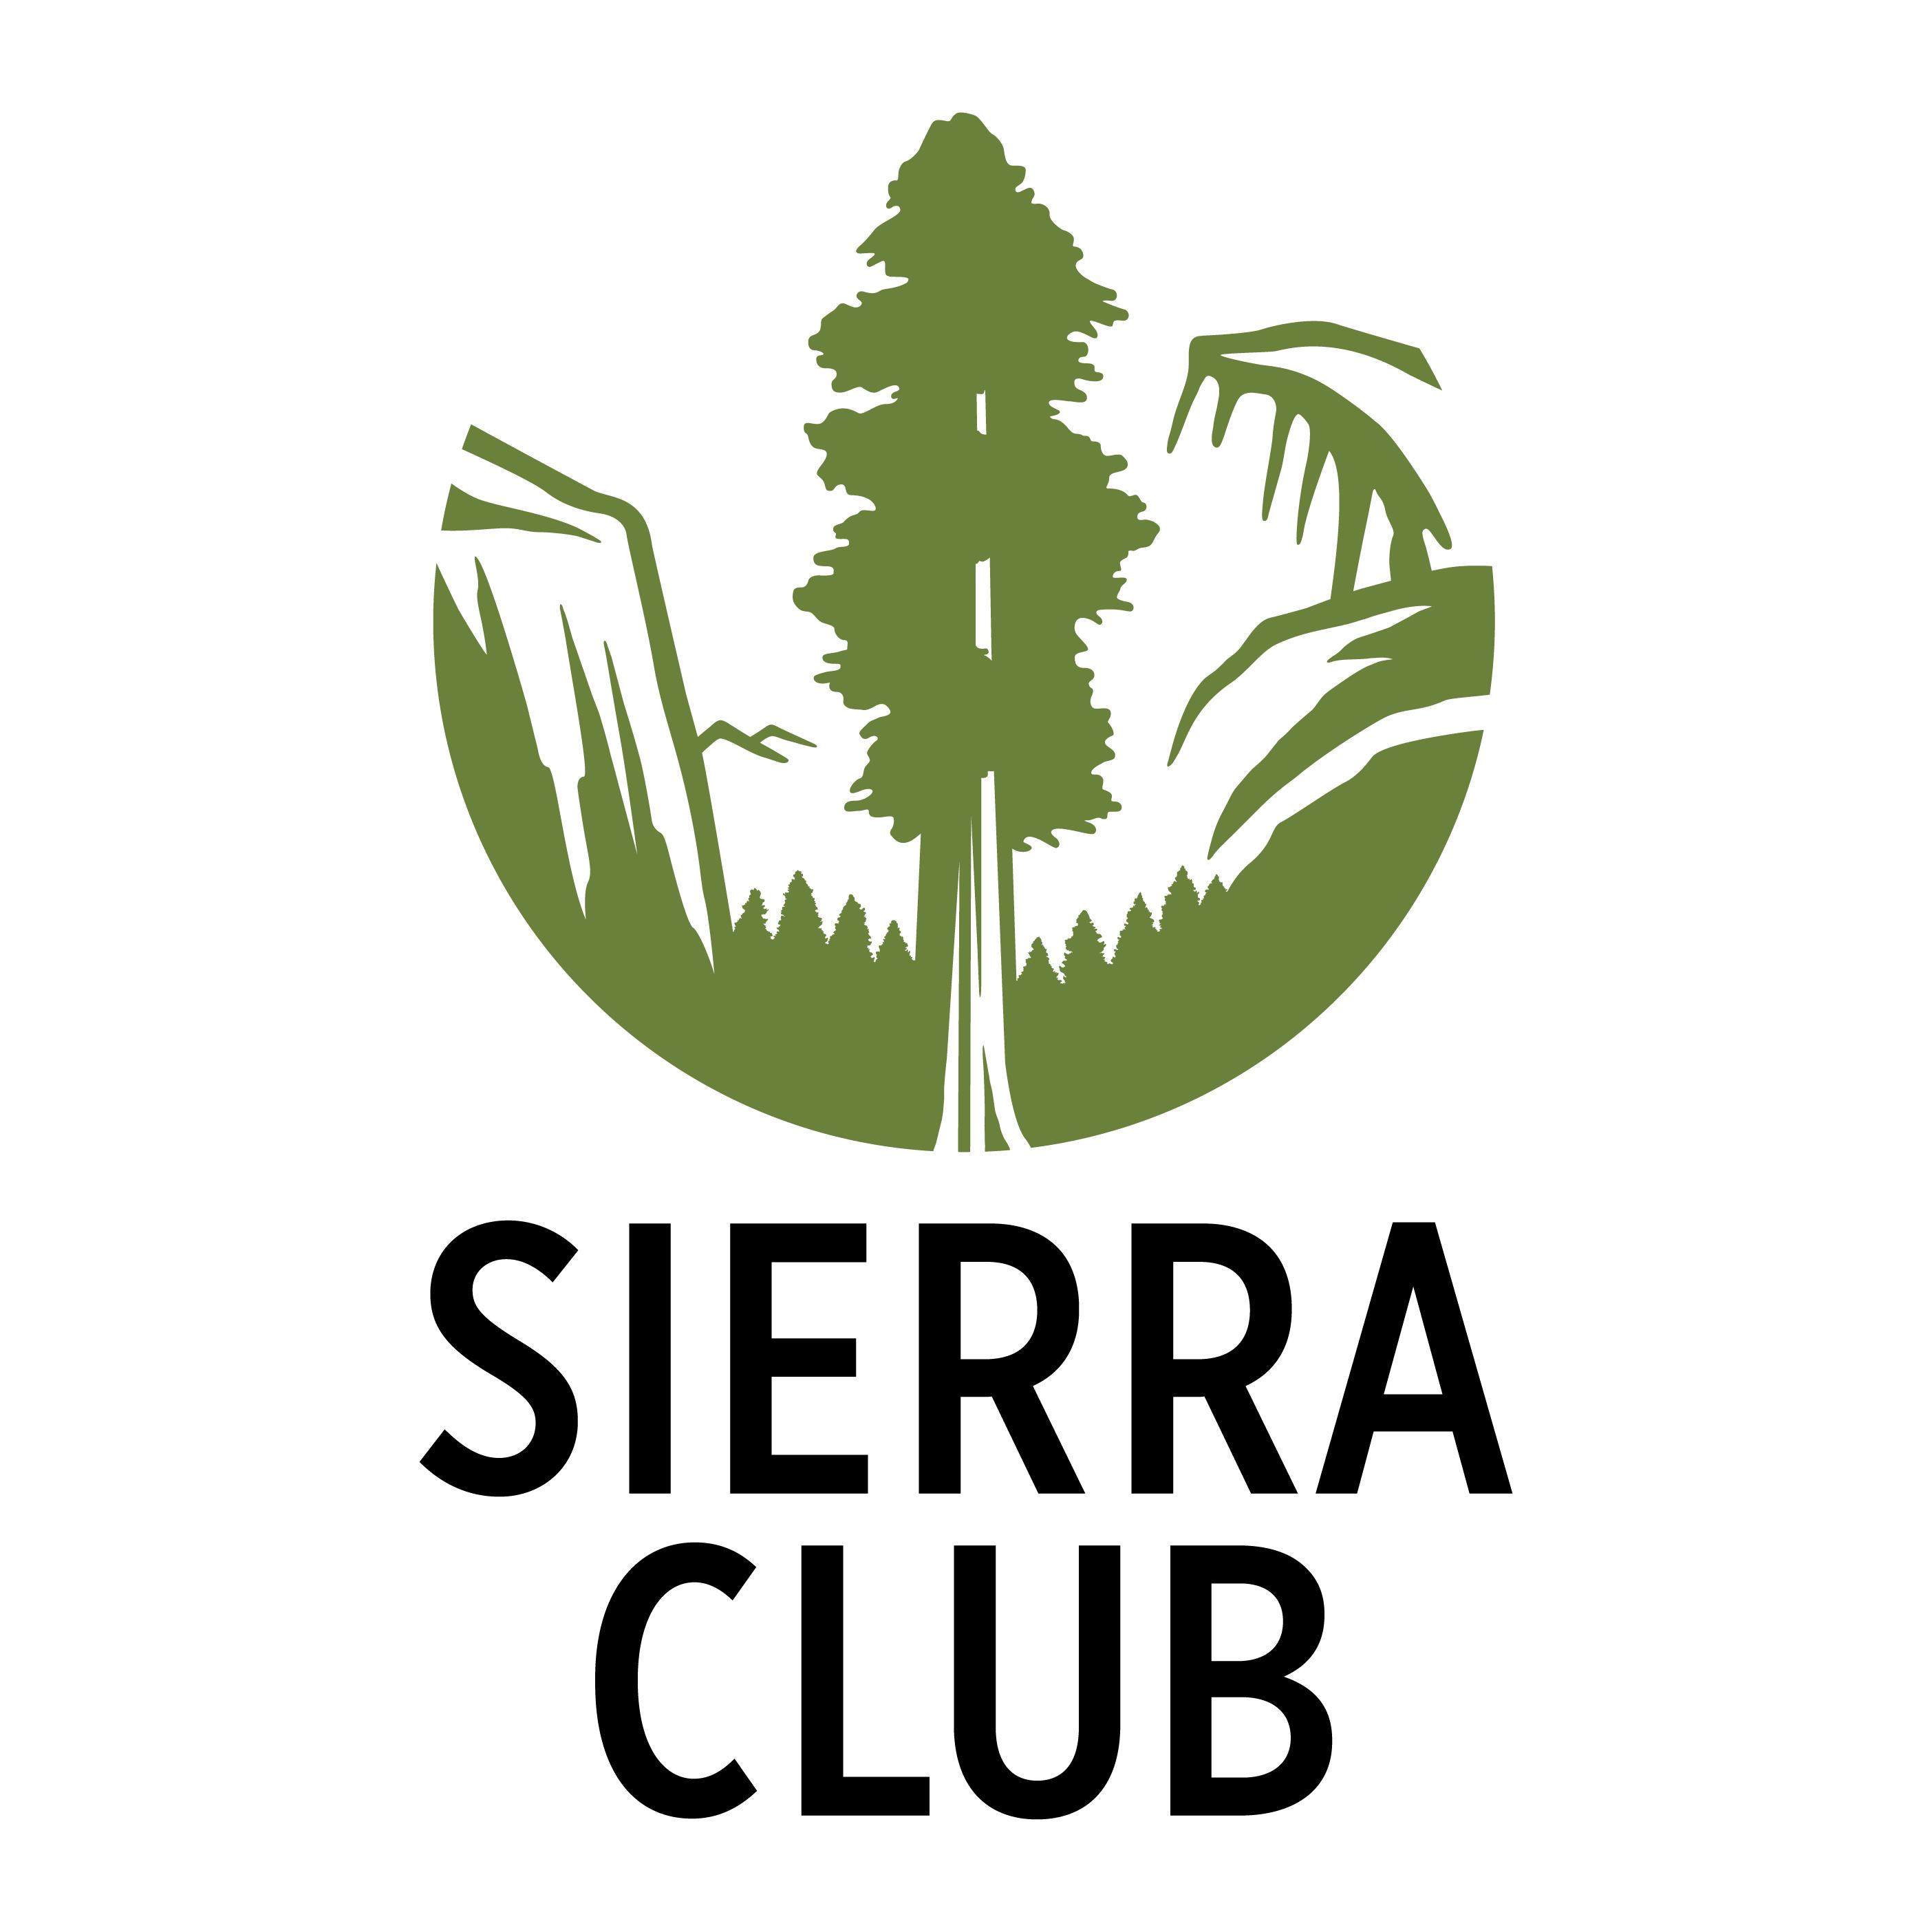 sierra-club-logo-cropped